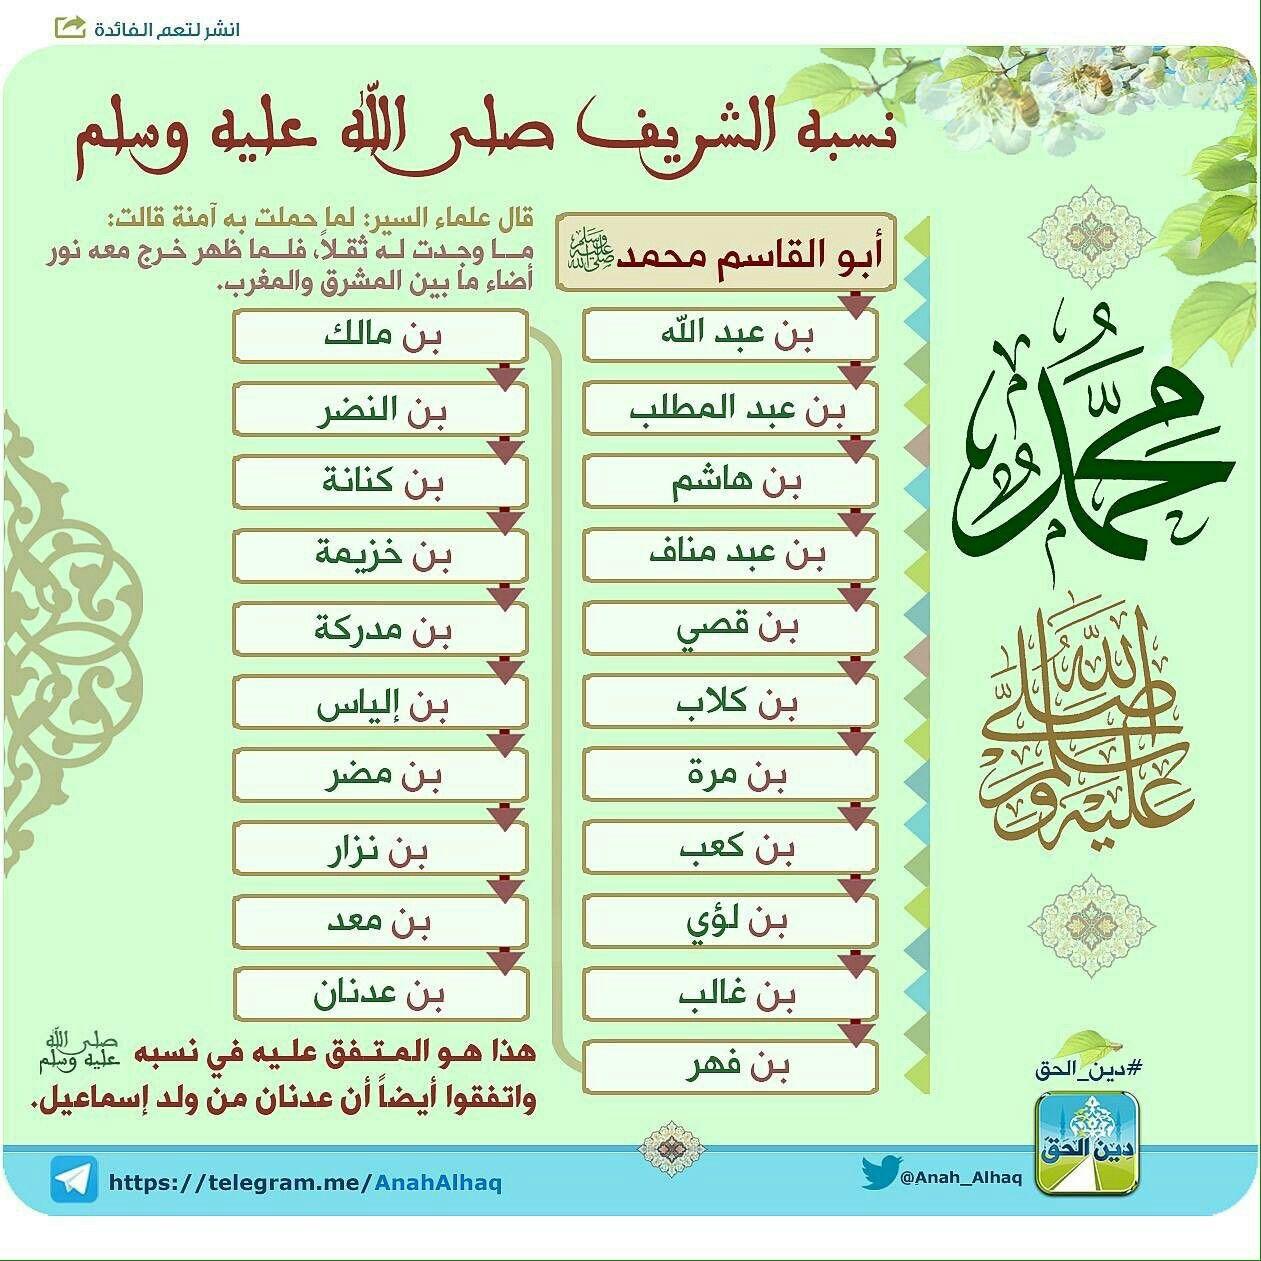 نسب الرسول صل الله عليه وسلم Islam Facts Islamic Quotes Quran Learn Islam